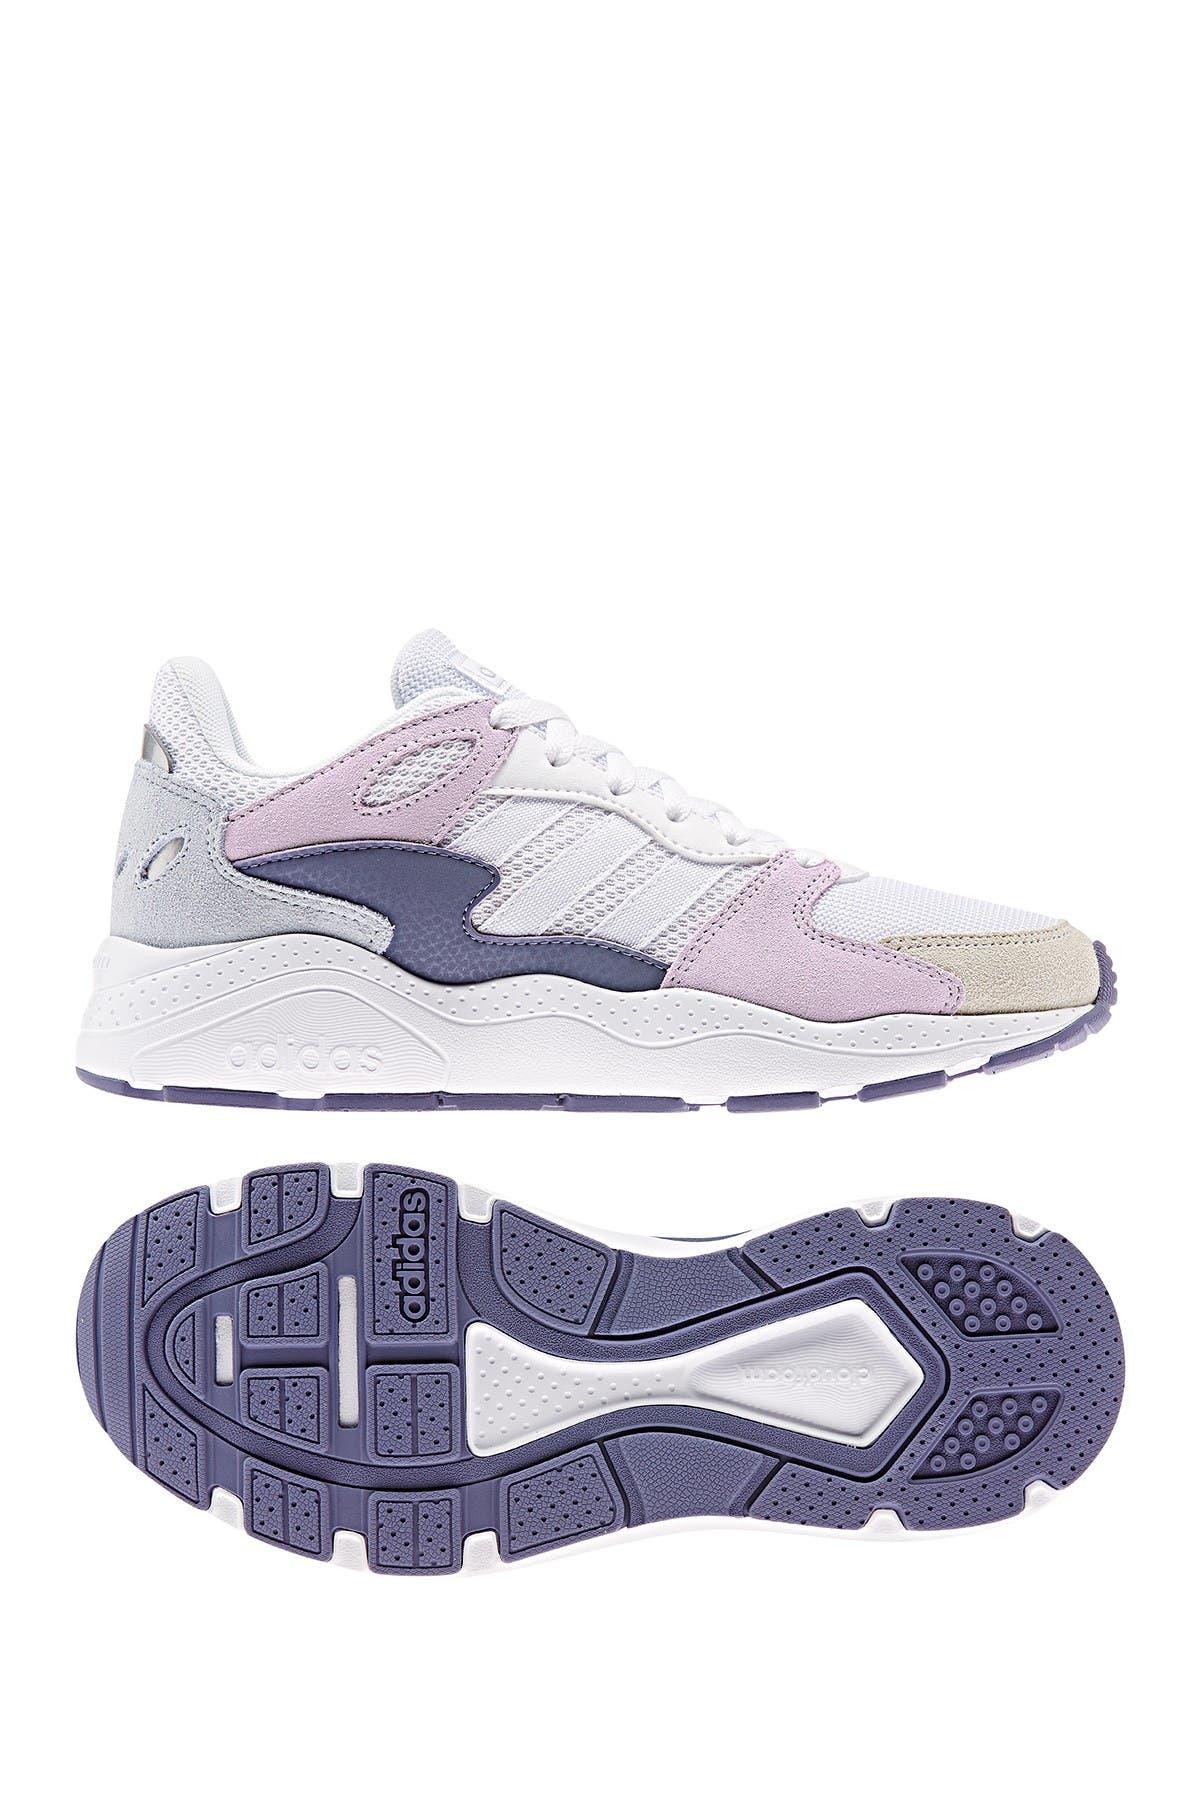 adidas | Chaos Cloudfoam Sneaker